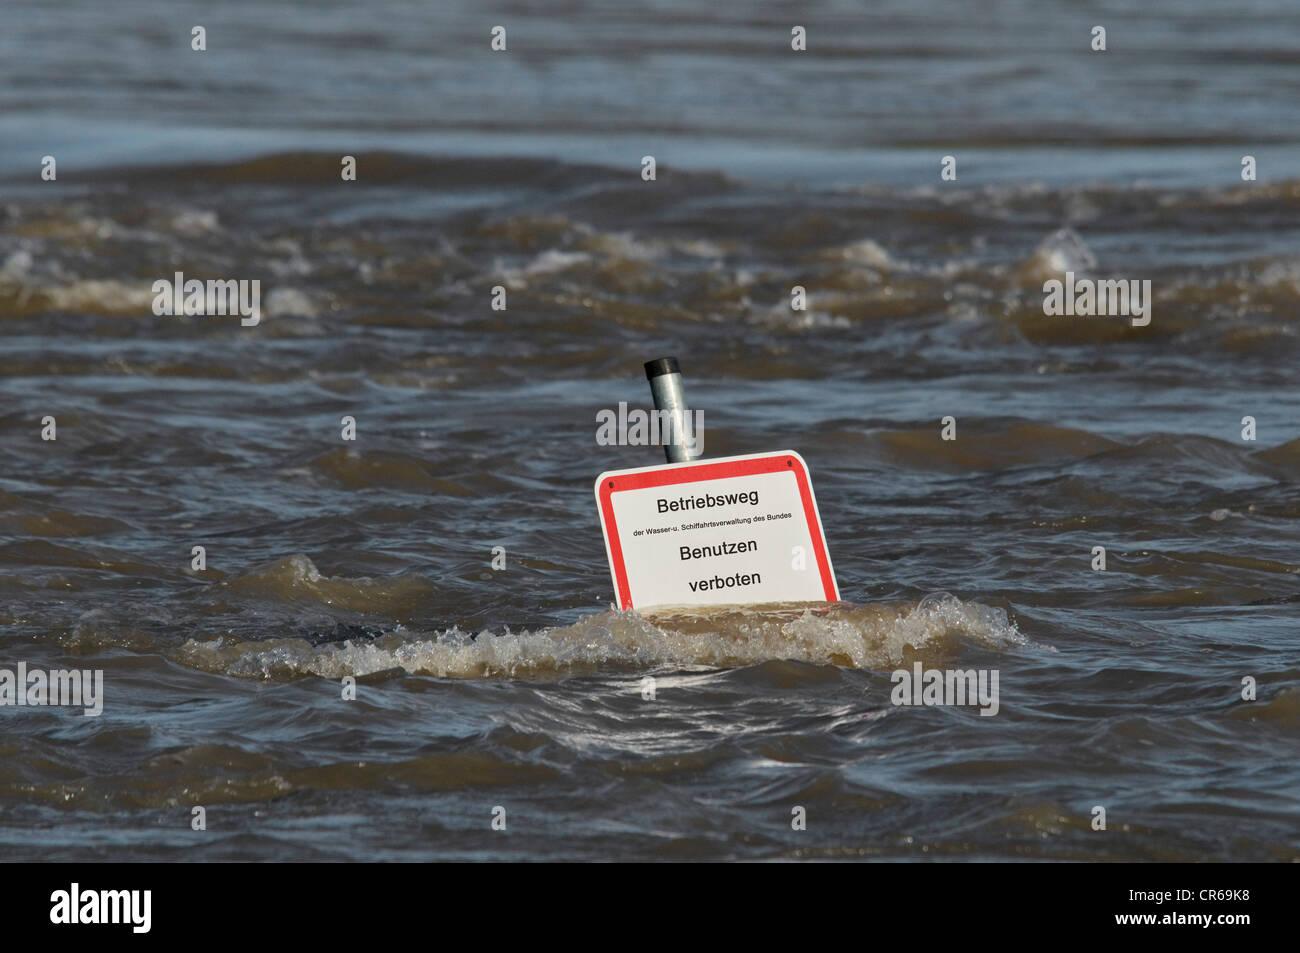 Flut, Zeichen tief im Wasser stehen, Pfad des Bundes Wasser- und Schifffahrtsverwaltung, Verwendung verboten in Stockbild